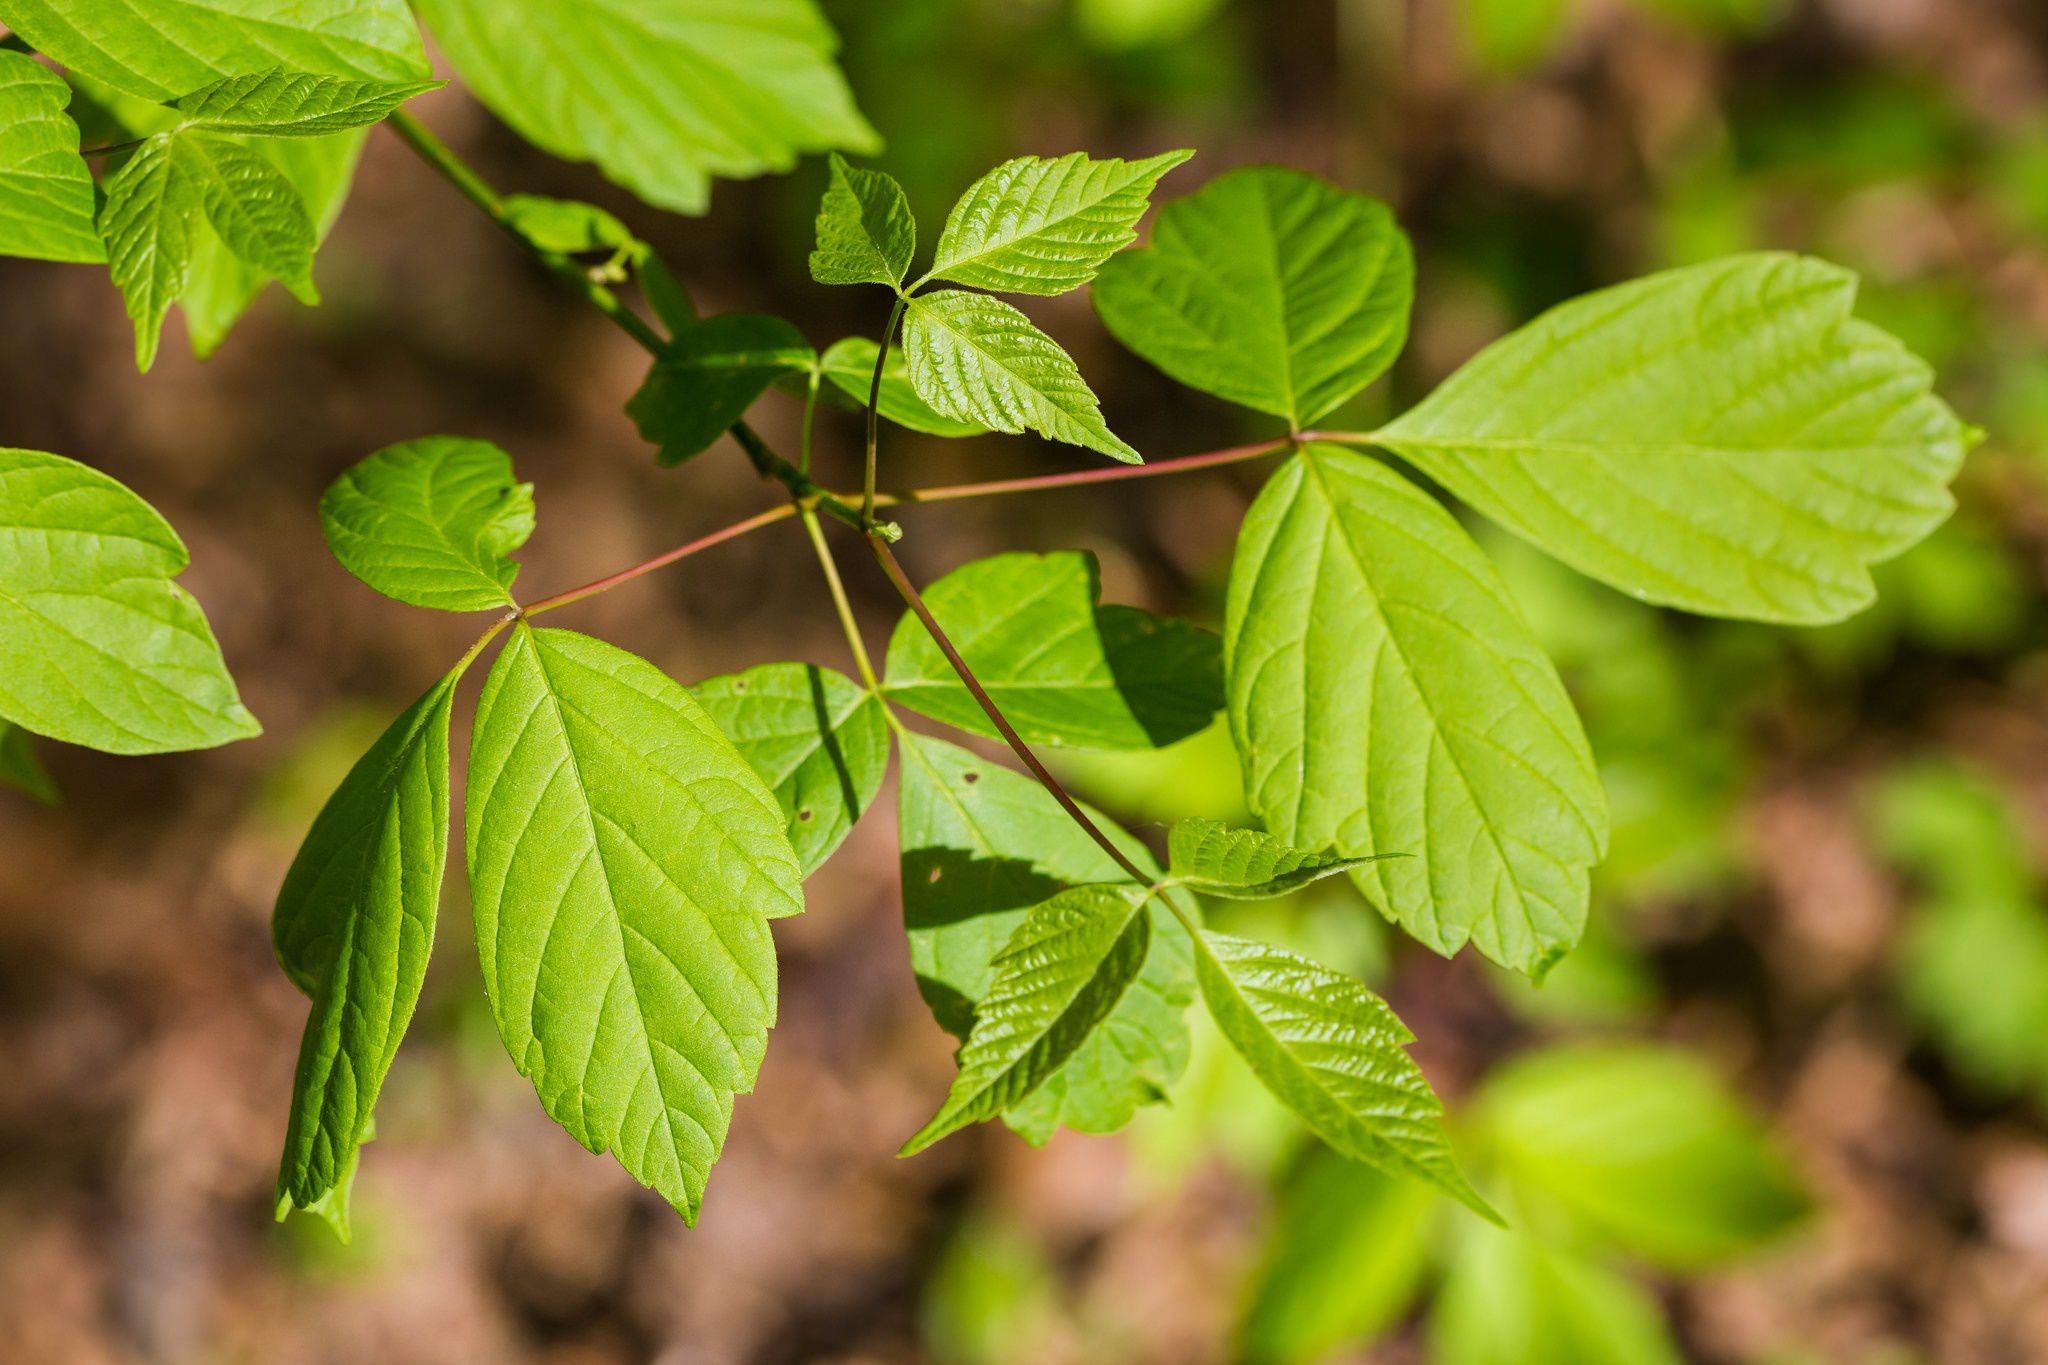 boxelder a common tree in north america